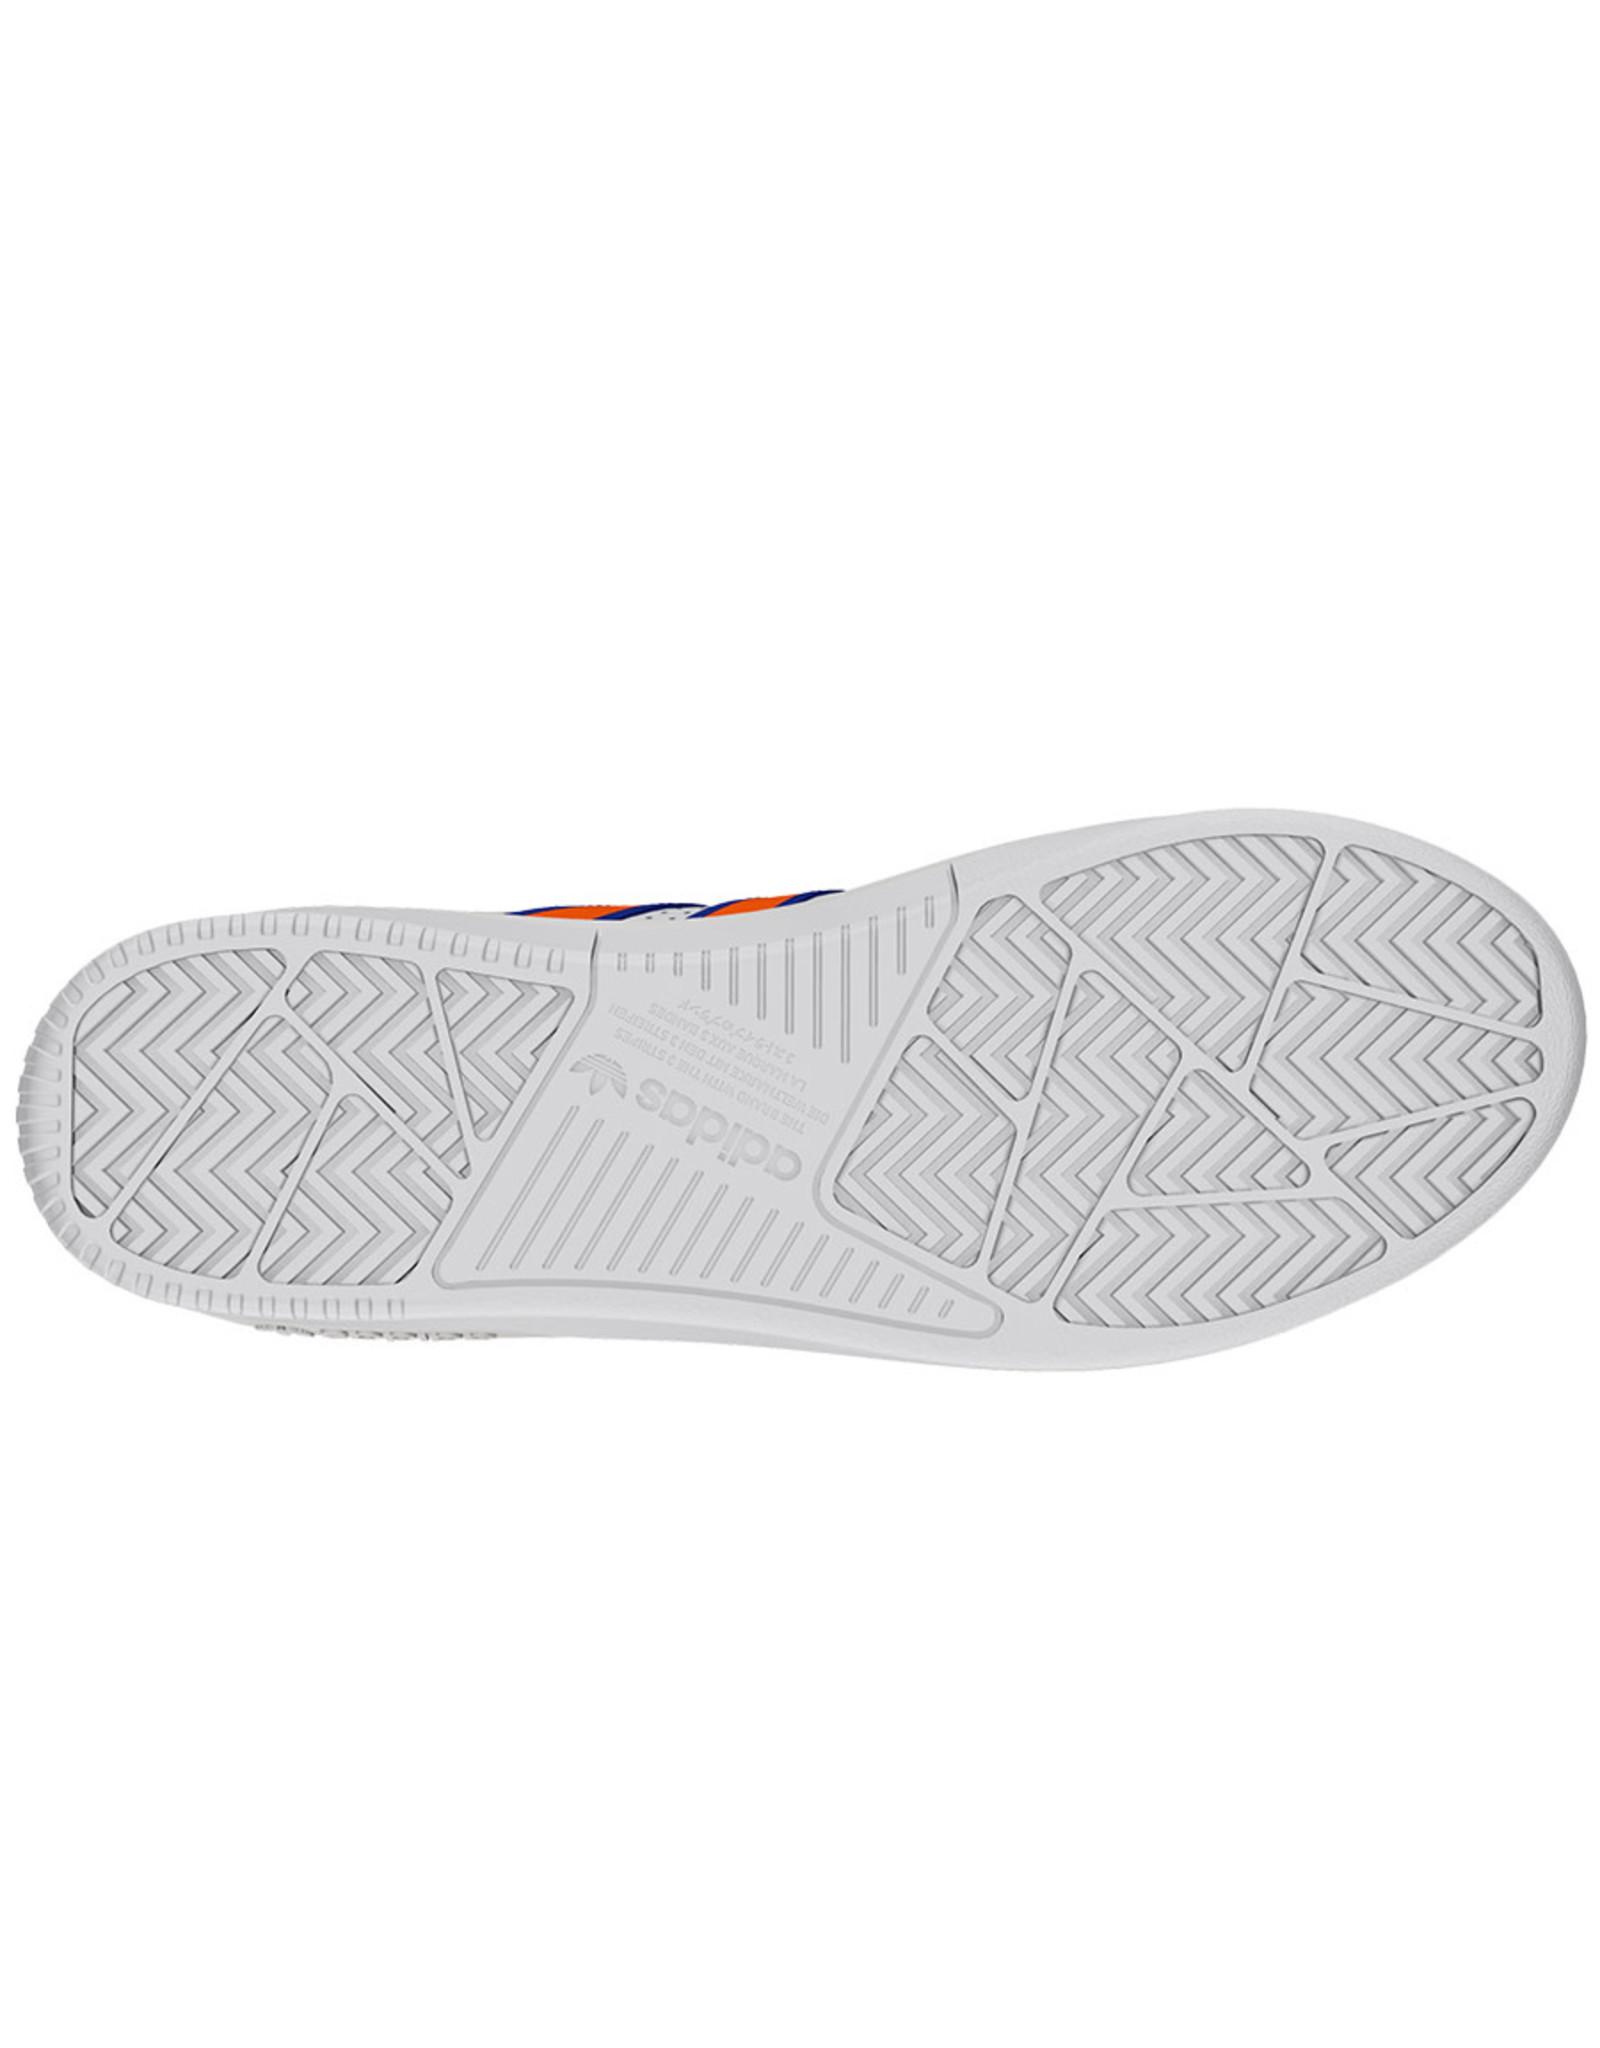 Adidas Adidas Shoe Tyshawn Pro (White/Orange)